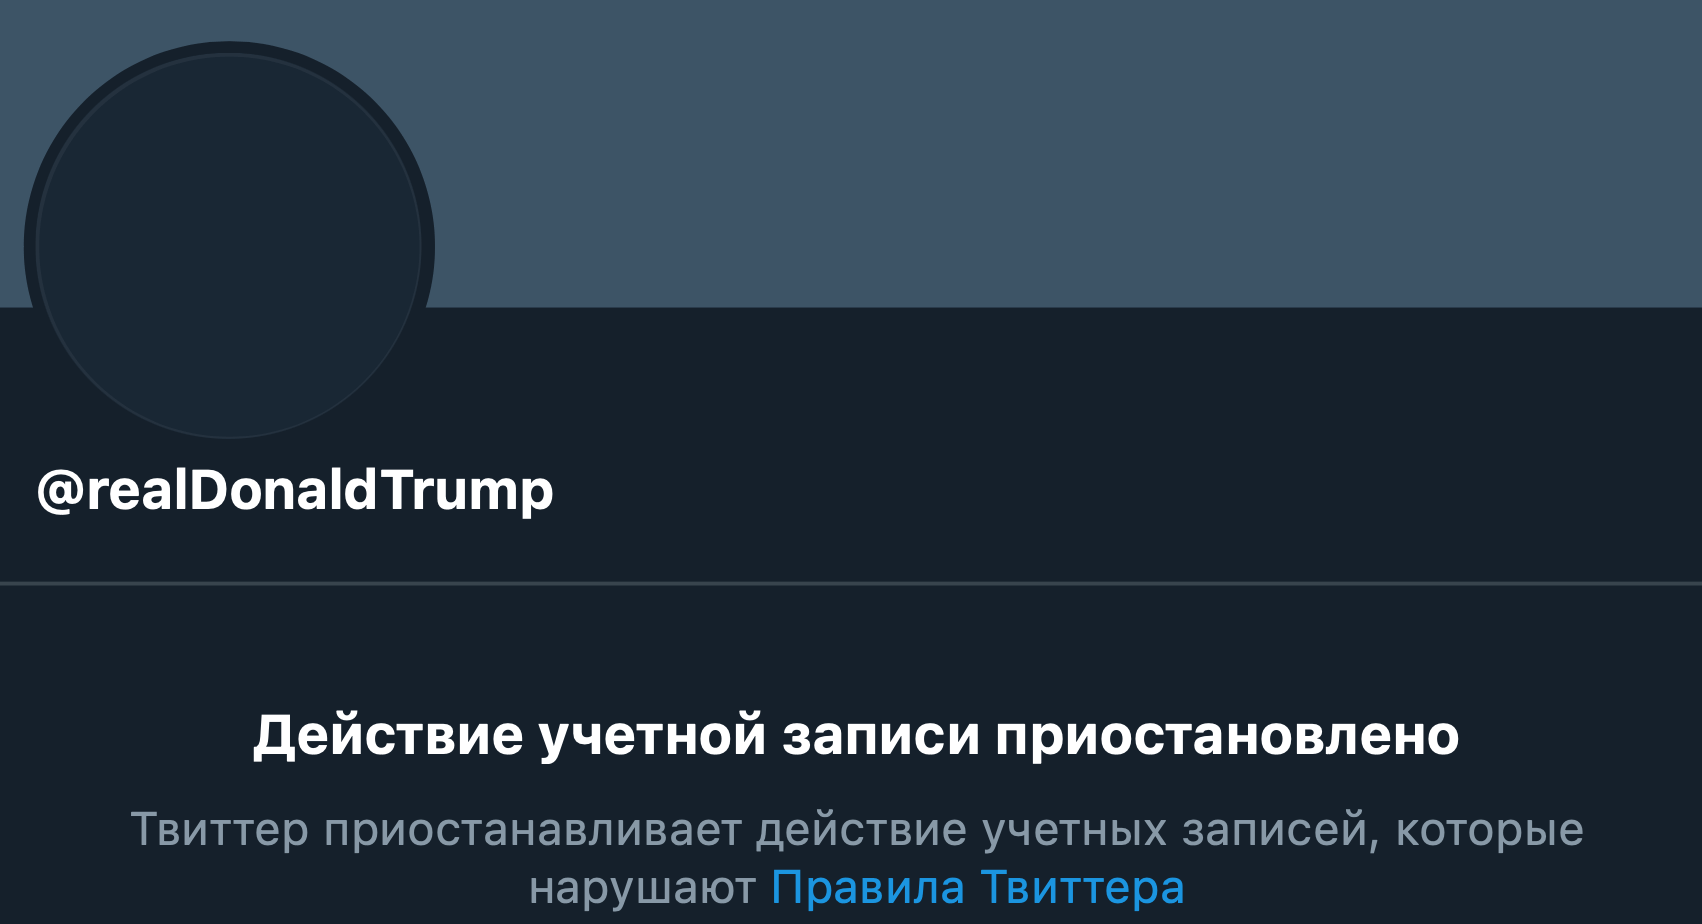 Заблокированная учётная запись Дональда Трампа